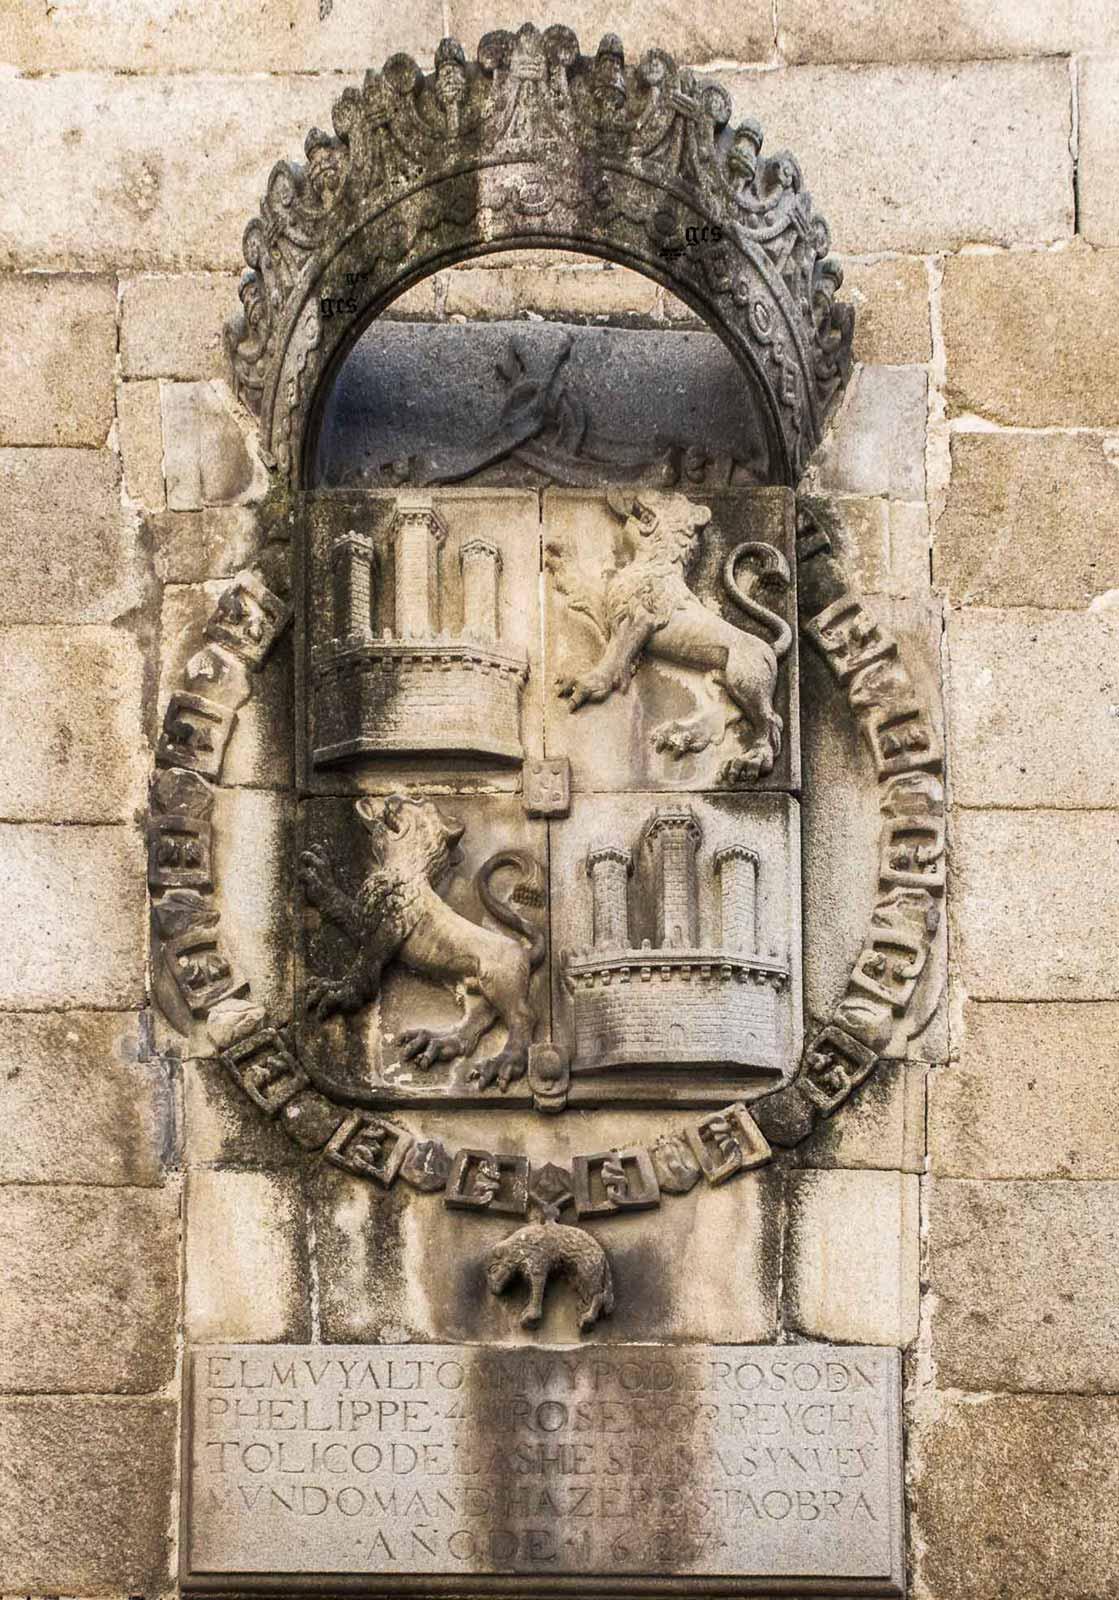 Gran escudo del rey Felipe IV situado en la portada de la carcel  antigua Plasencia